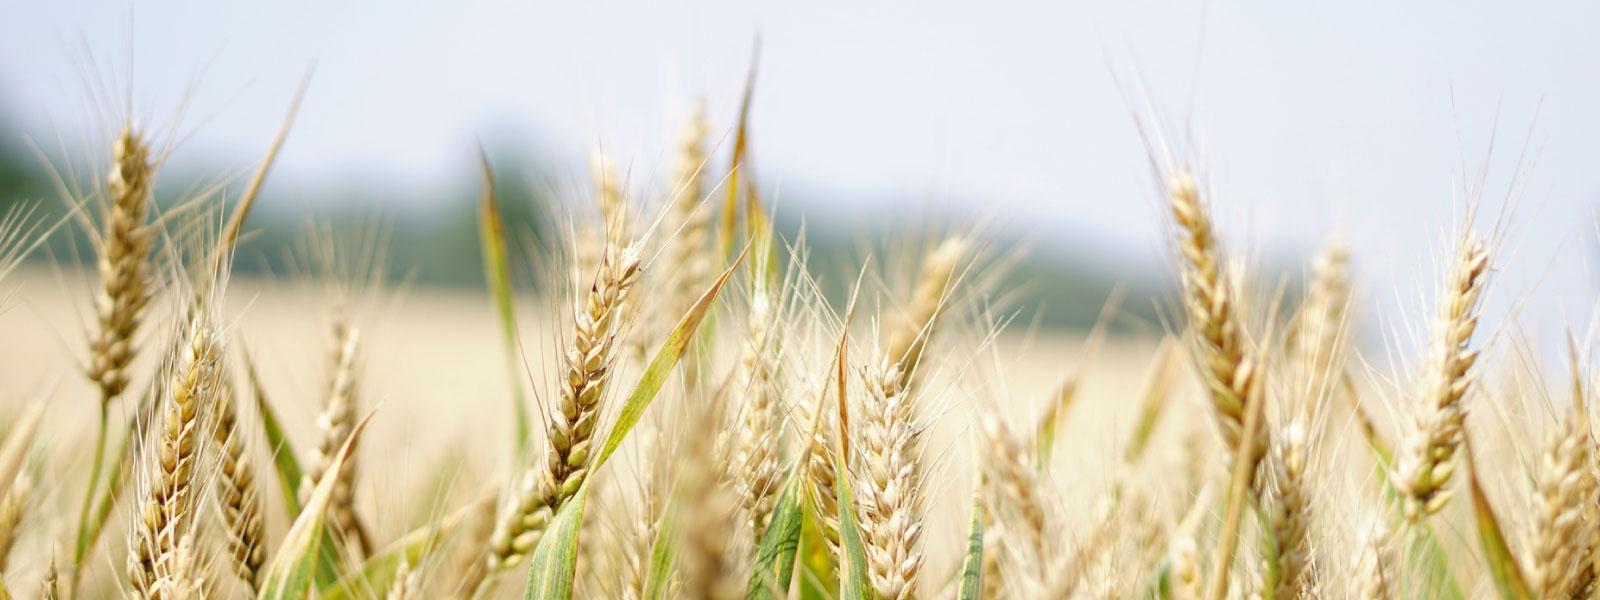 COMMENT PERMETTRE AUX FILIÈRES AGRICOLES ET AGRO-ALIMENTAIRES DE DEVENIR RESPONSABLES ET ACTRICES DE LEUR IMPACT CLIMAT ?